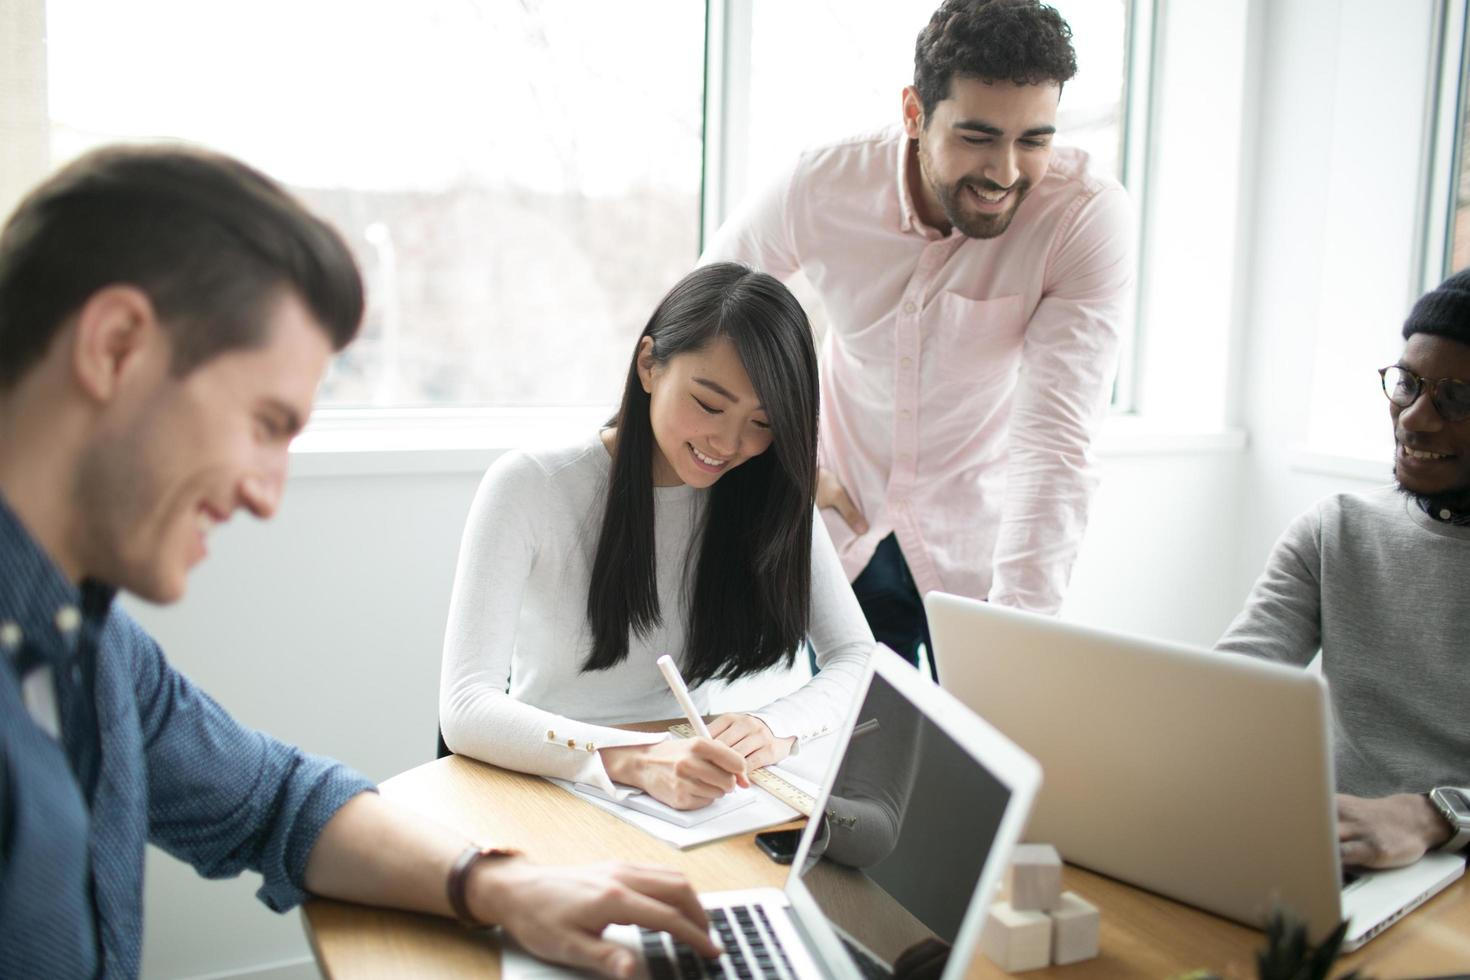 giovani professionisti che lavorano su computer portatili in un ufficio foto